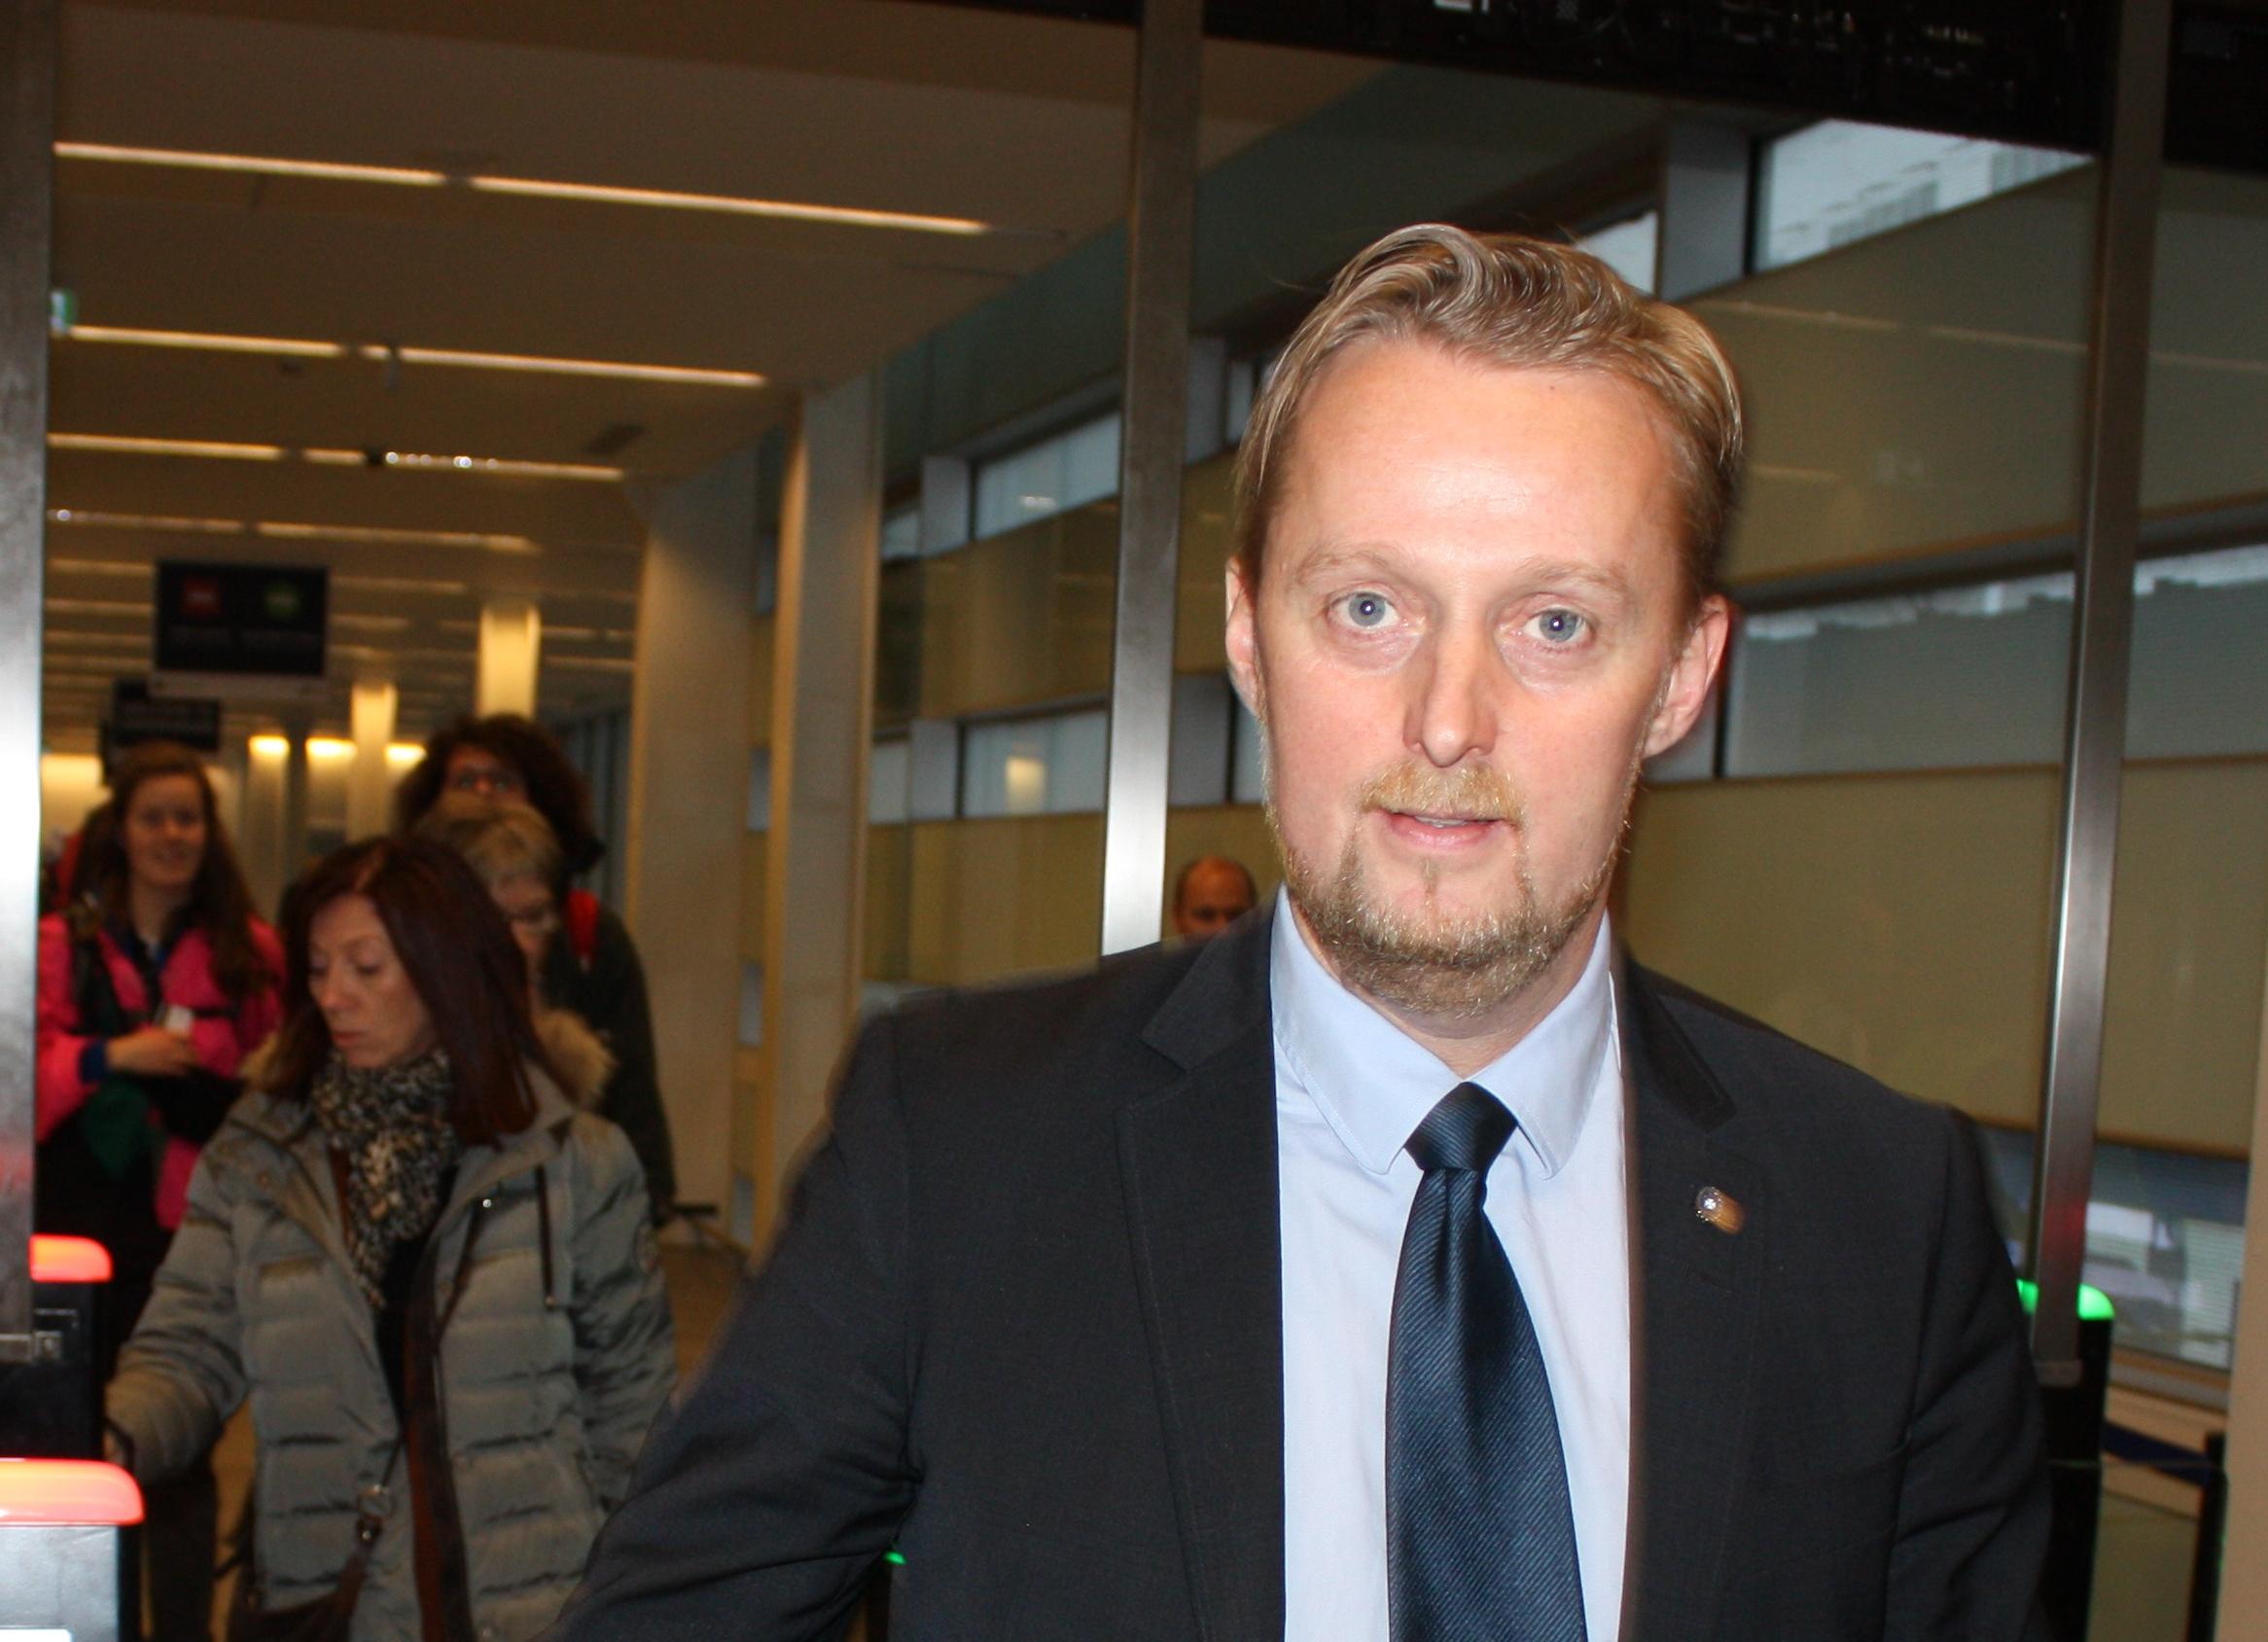 Kevin Helsinghof stopper med månedens udgang hos DFDS Seaways for at blive kommerciel direktør i DGI-Byen. Arkivfoto fra DFDS.